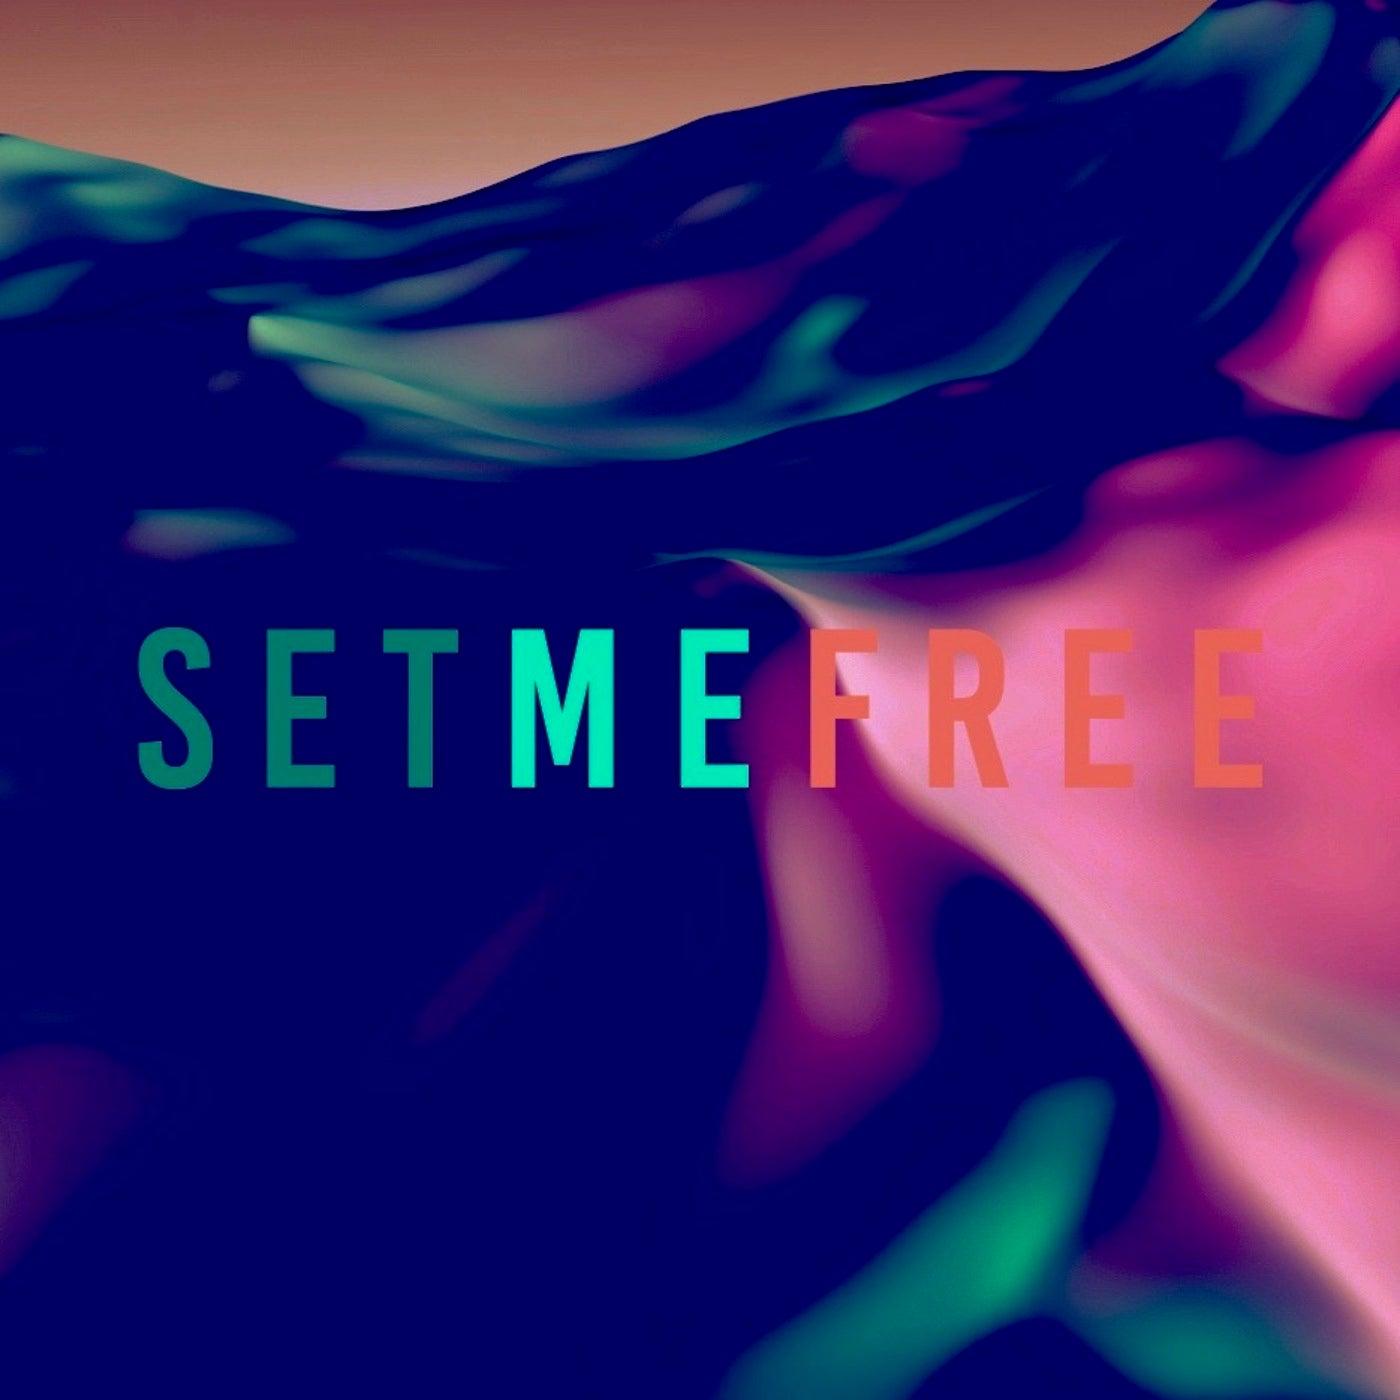 Set Me Free (Sante Cruze Remix)